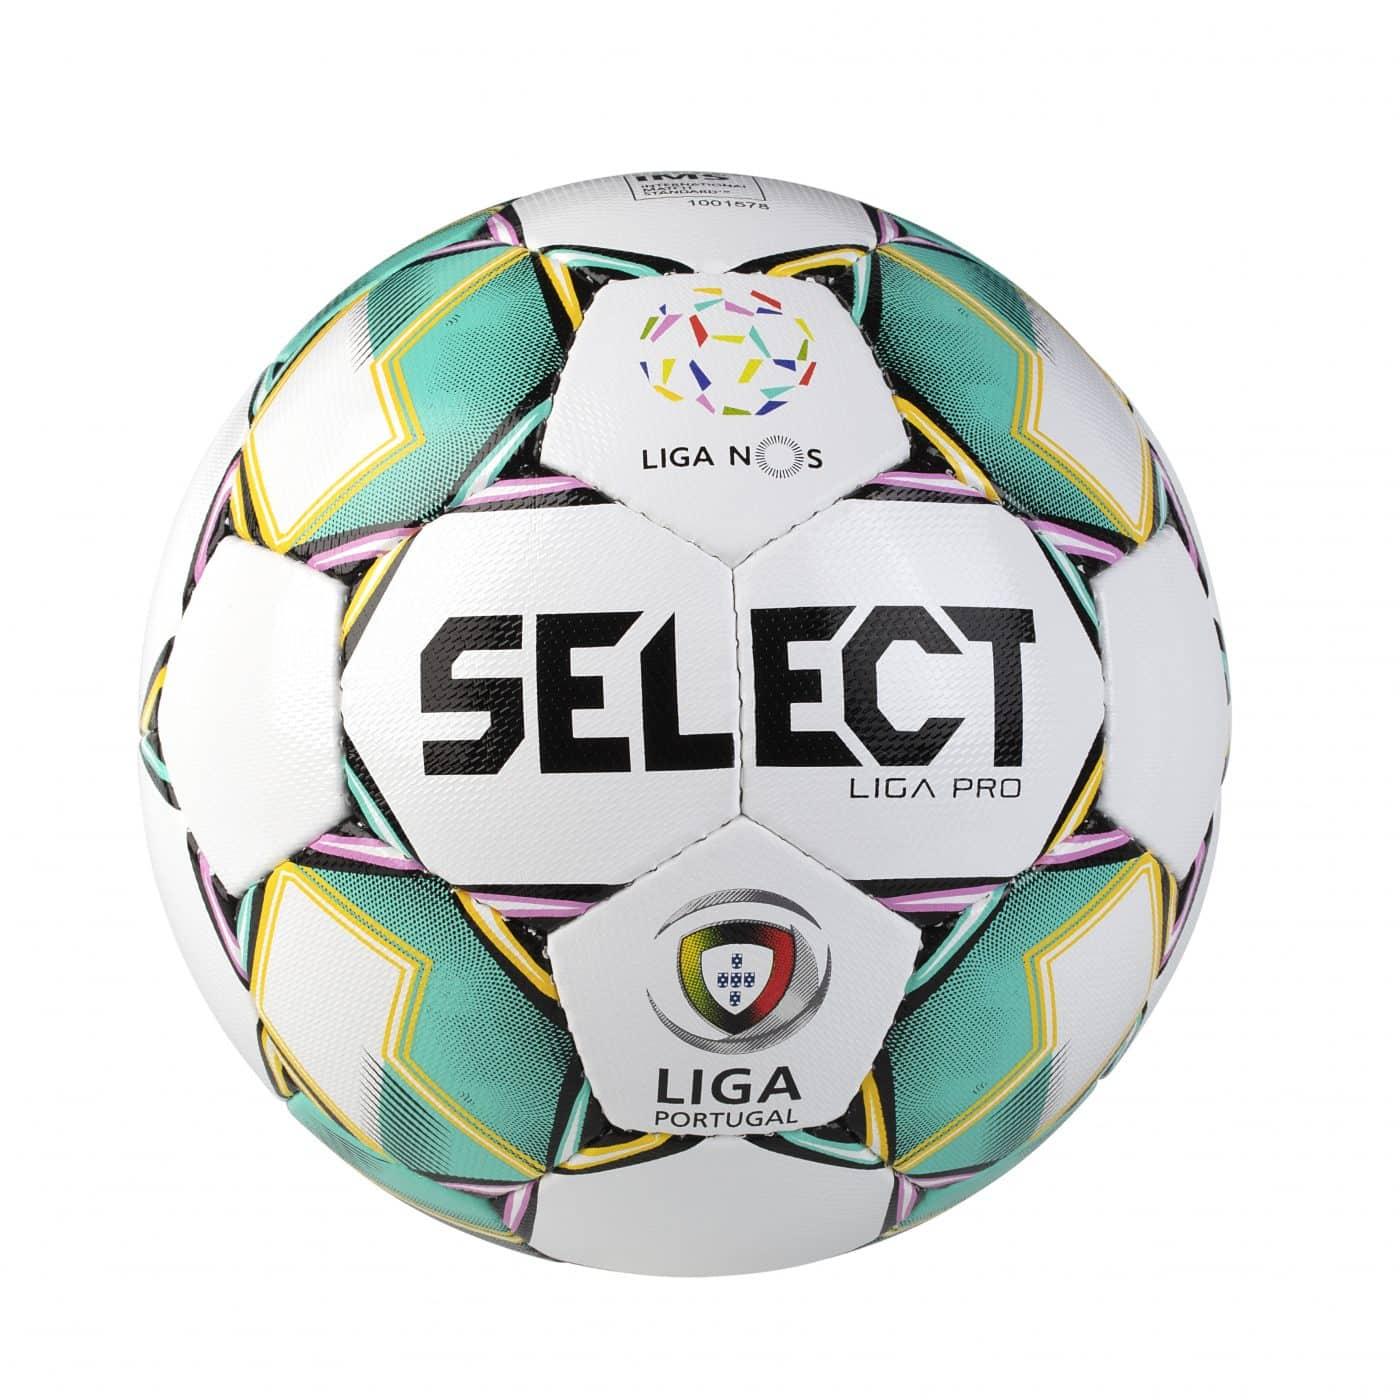 Ballon officiel LIGA NOS - Portugal